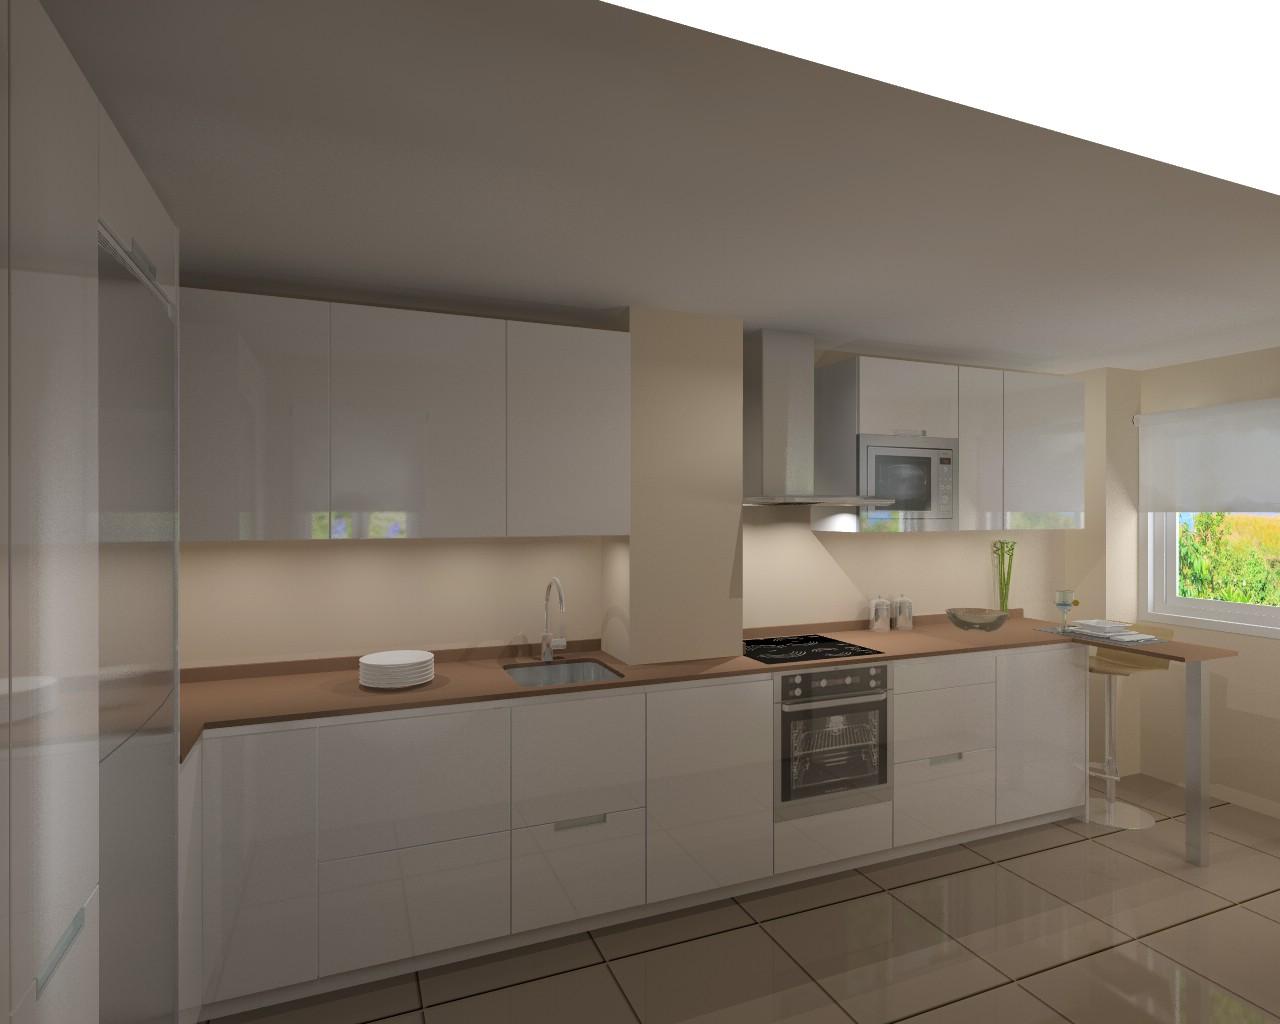 Proyecto de cocina en madrid minos l con encimera for Proyectos de cocina easy